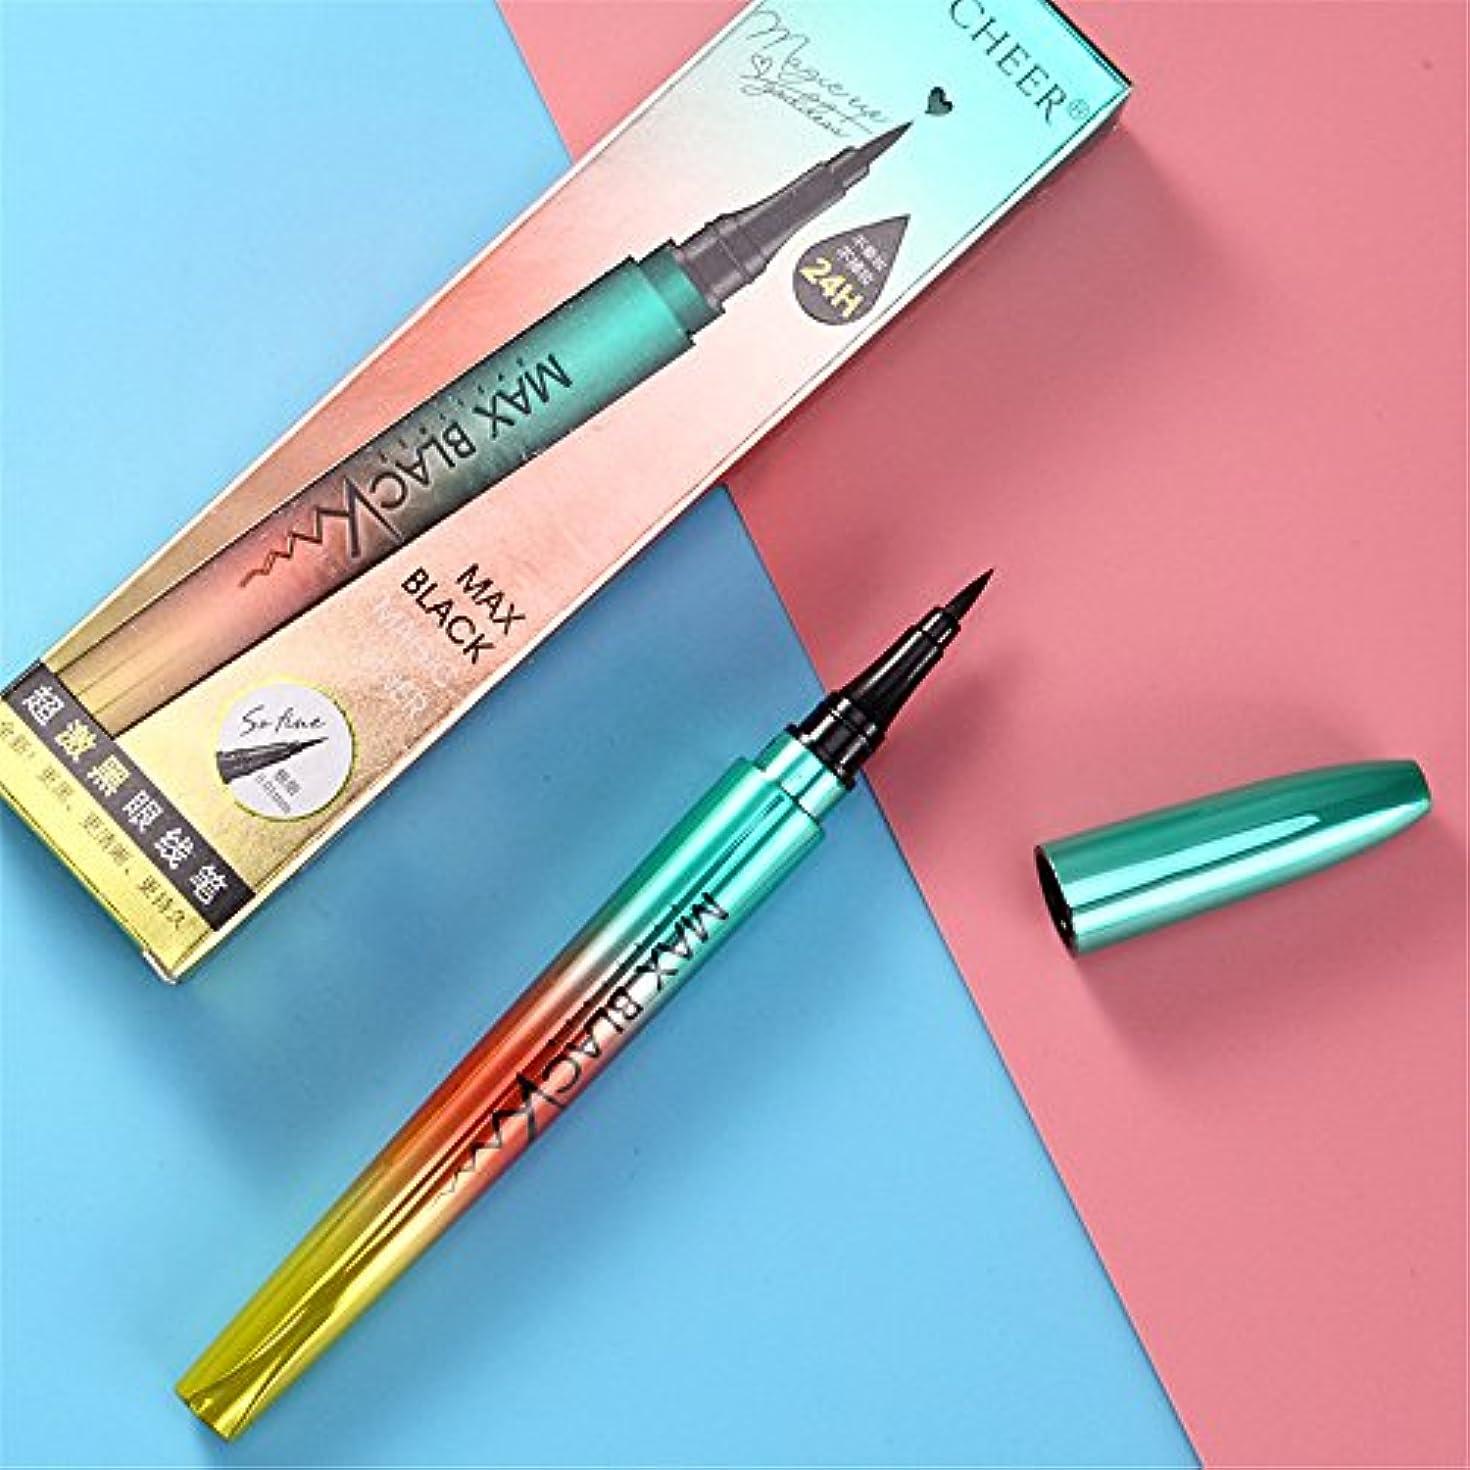 振り返る注意マーキング美容ブラック防水アイライナーリキッドアイライナーペン鉛筆メイク化粧品新しい